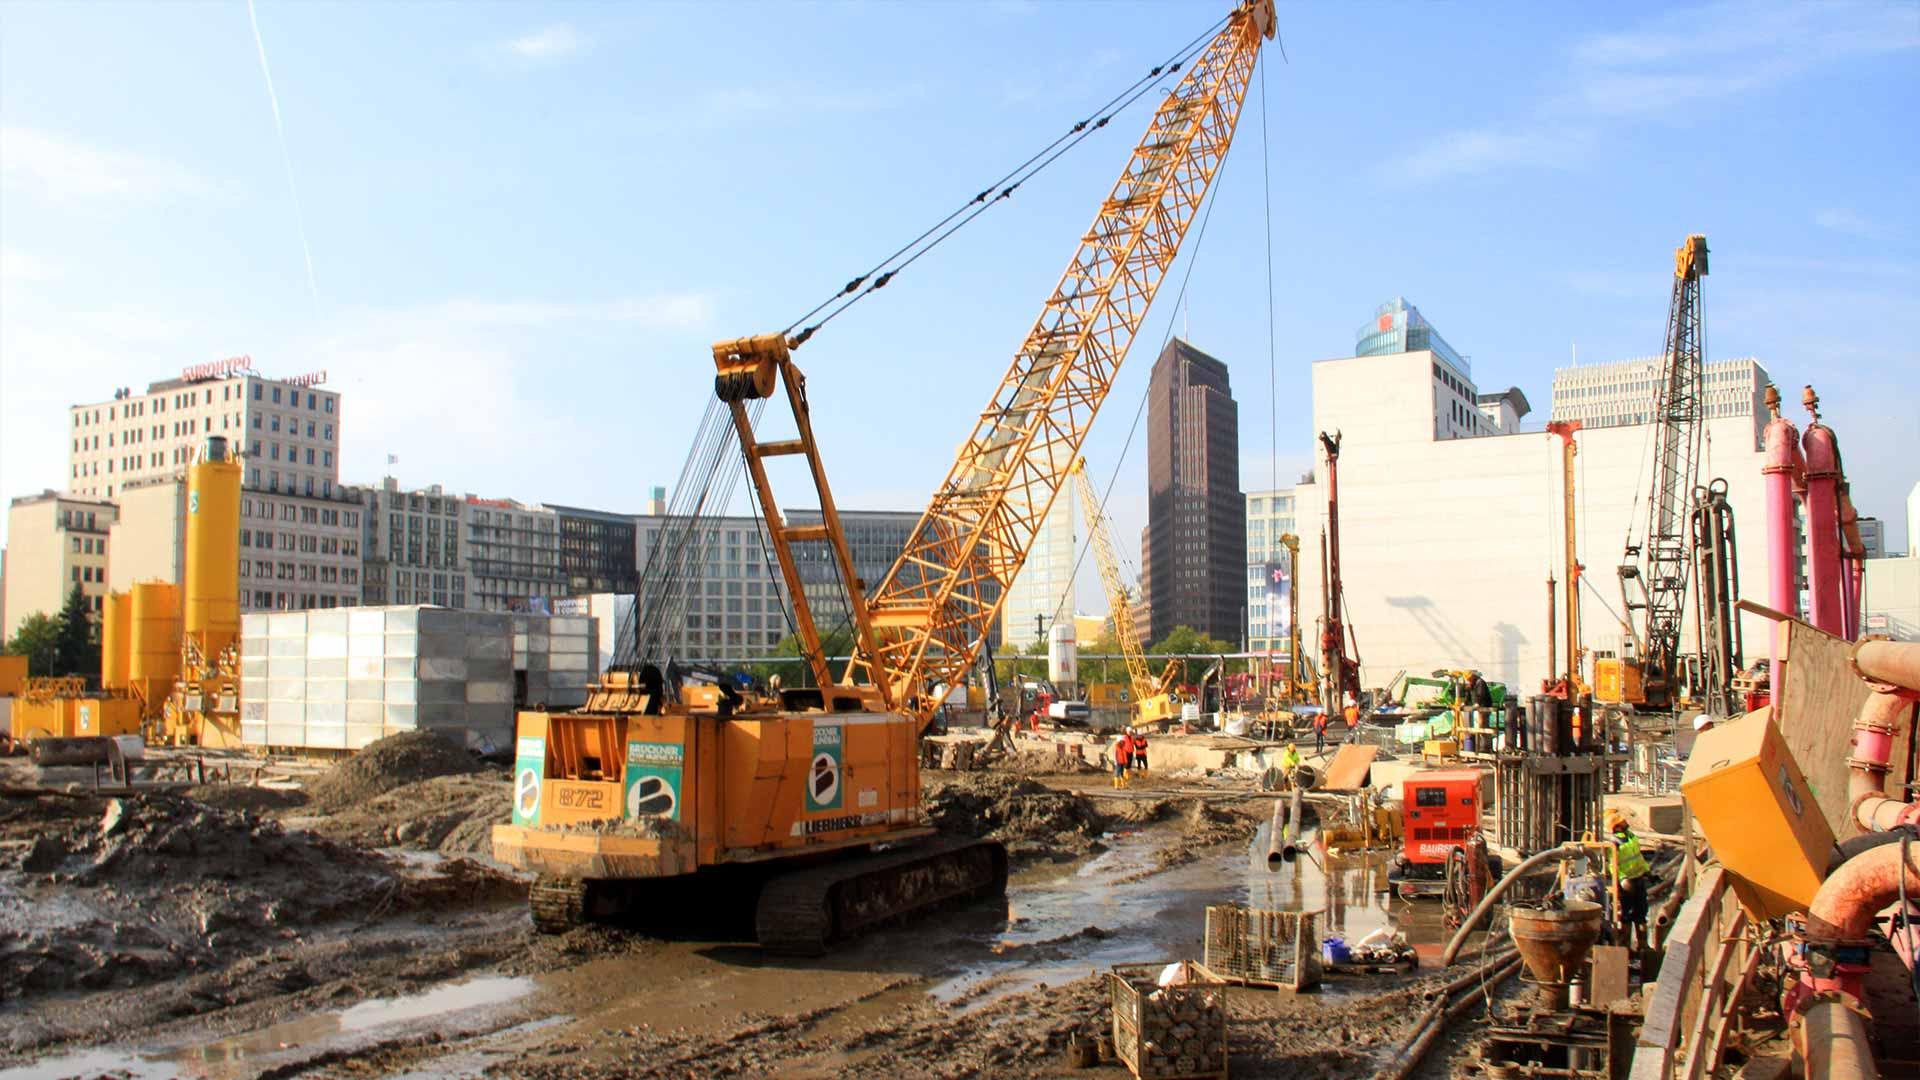 Gutachten - Bau risk Im Sinne der BAURISK Versicherung muss das Bauvorhaben sachverständig laufend und ohne Weisungsbefugnis mit Bericht und Gutachten im Schadensfall begleitet werden.